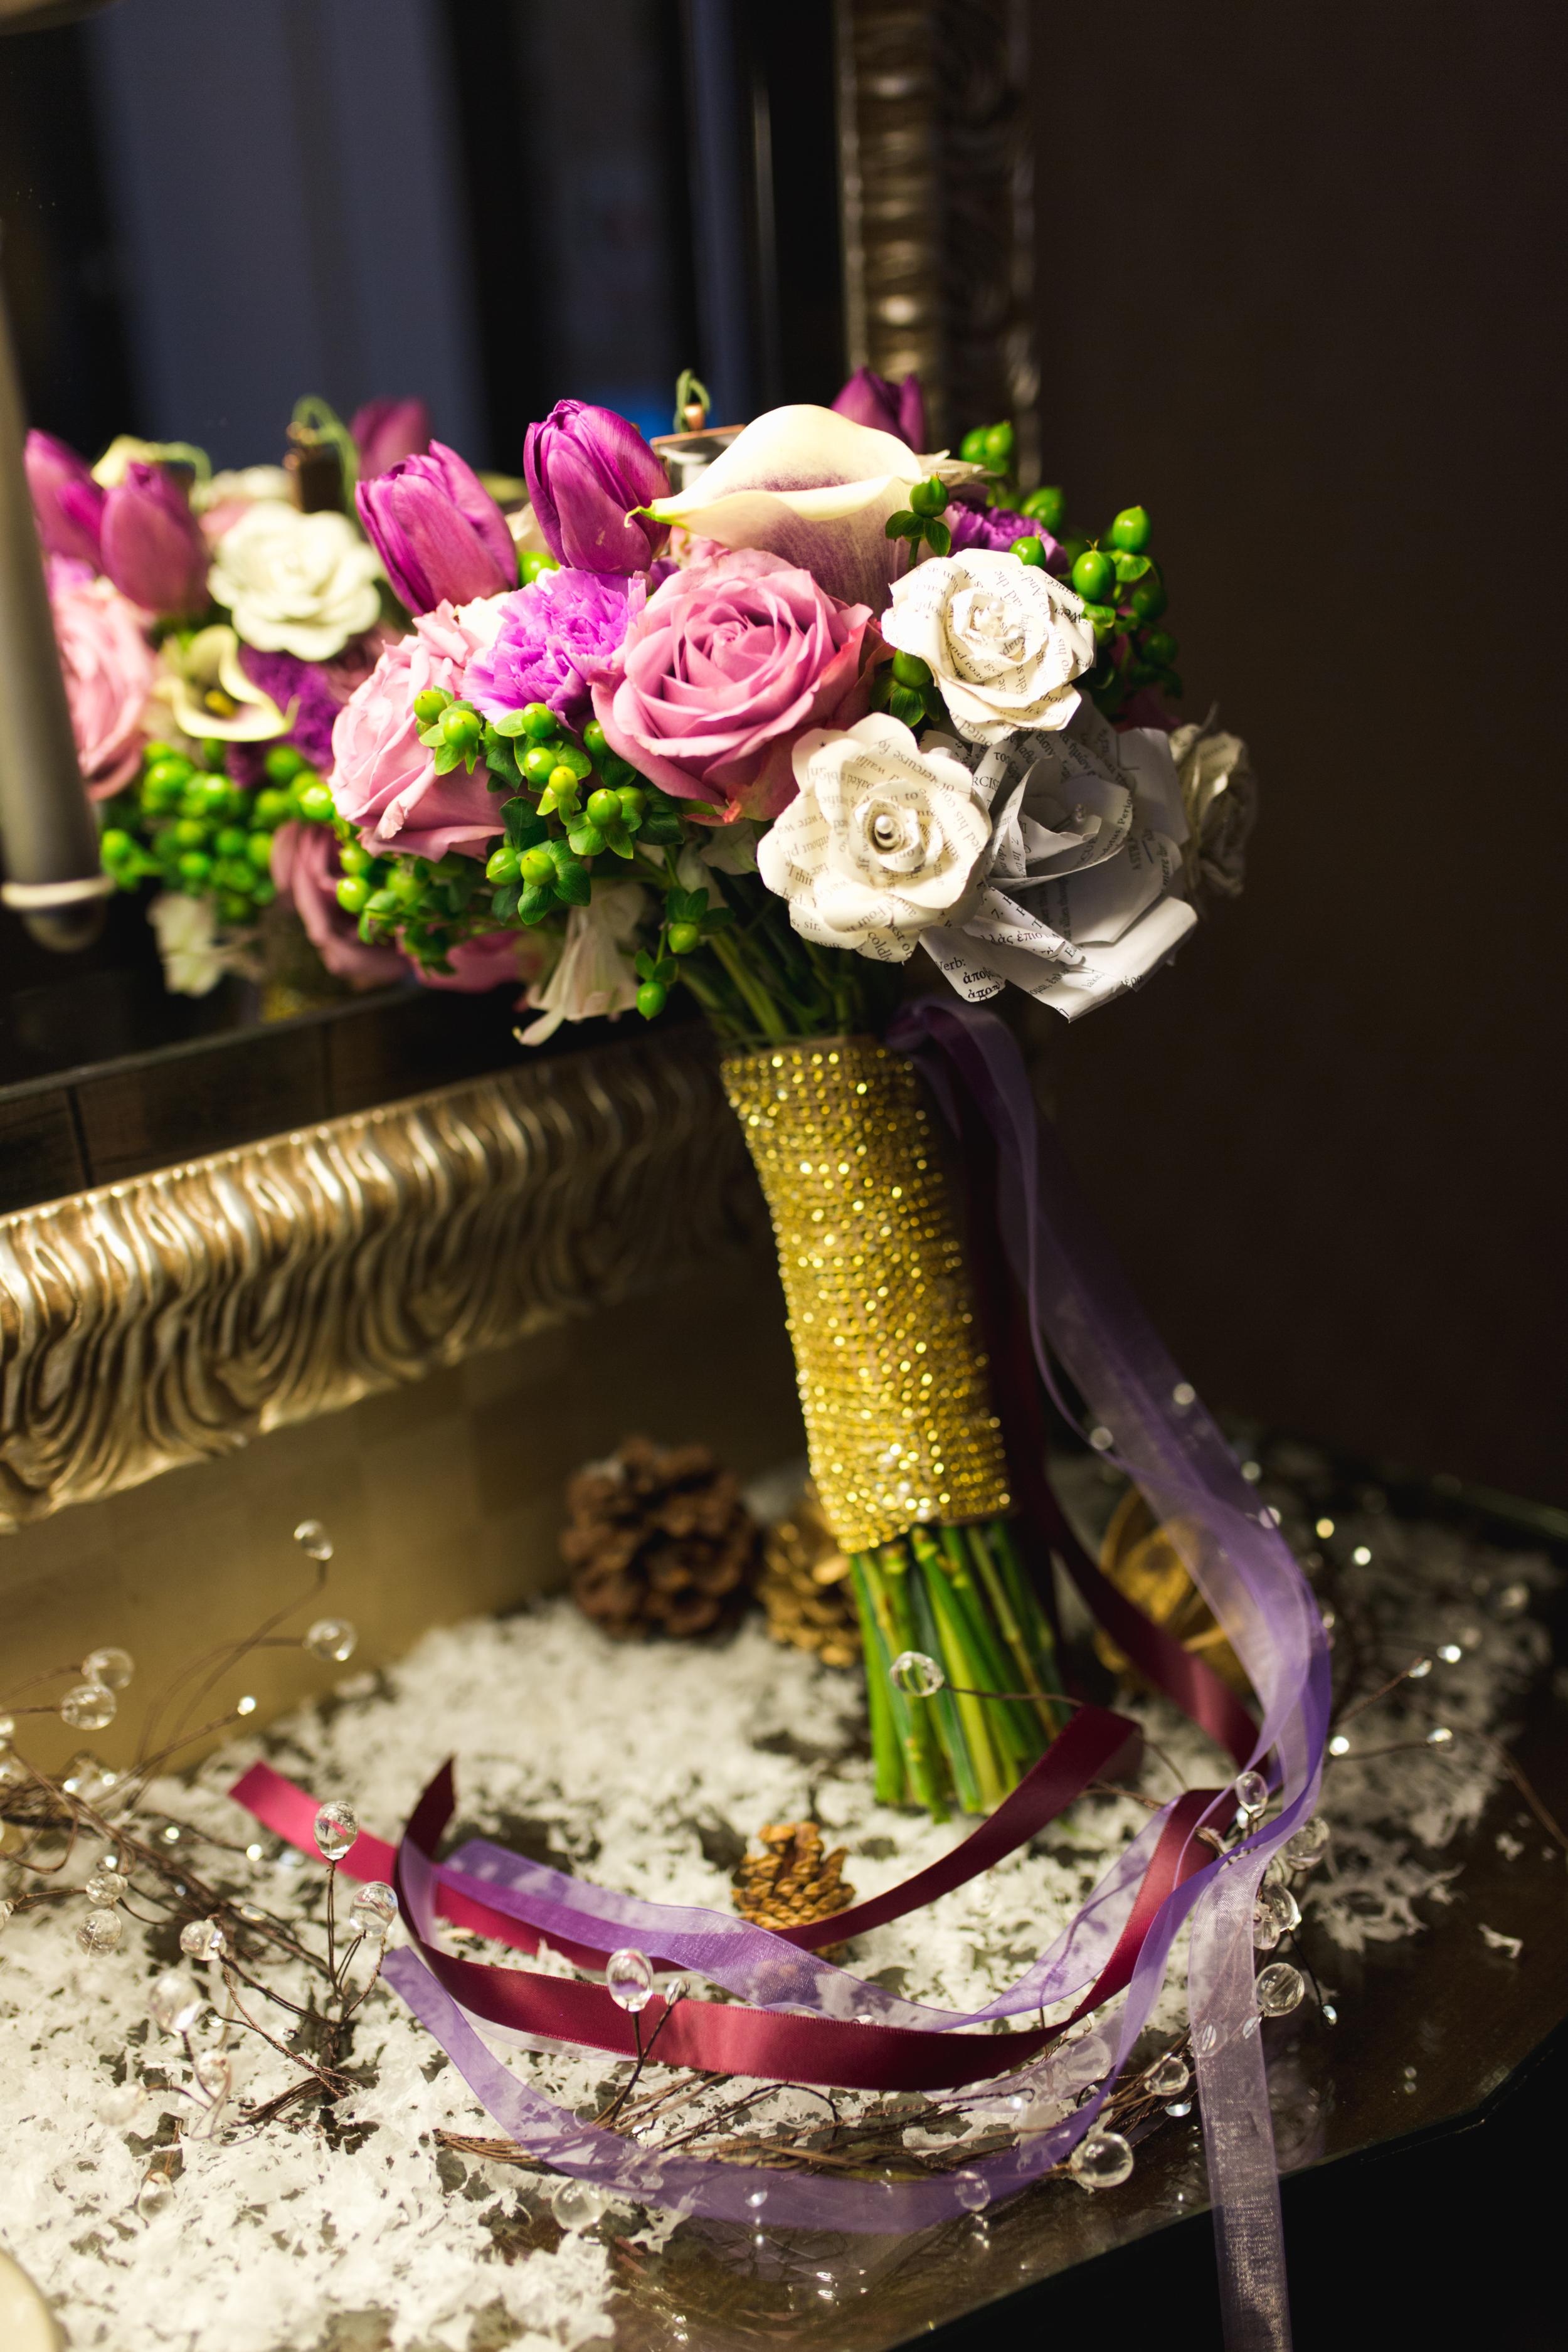 vintage-wedding-bouquet-details